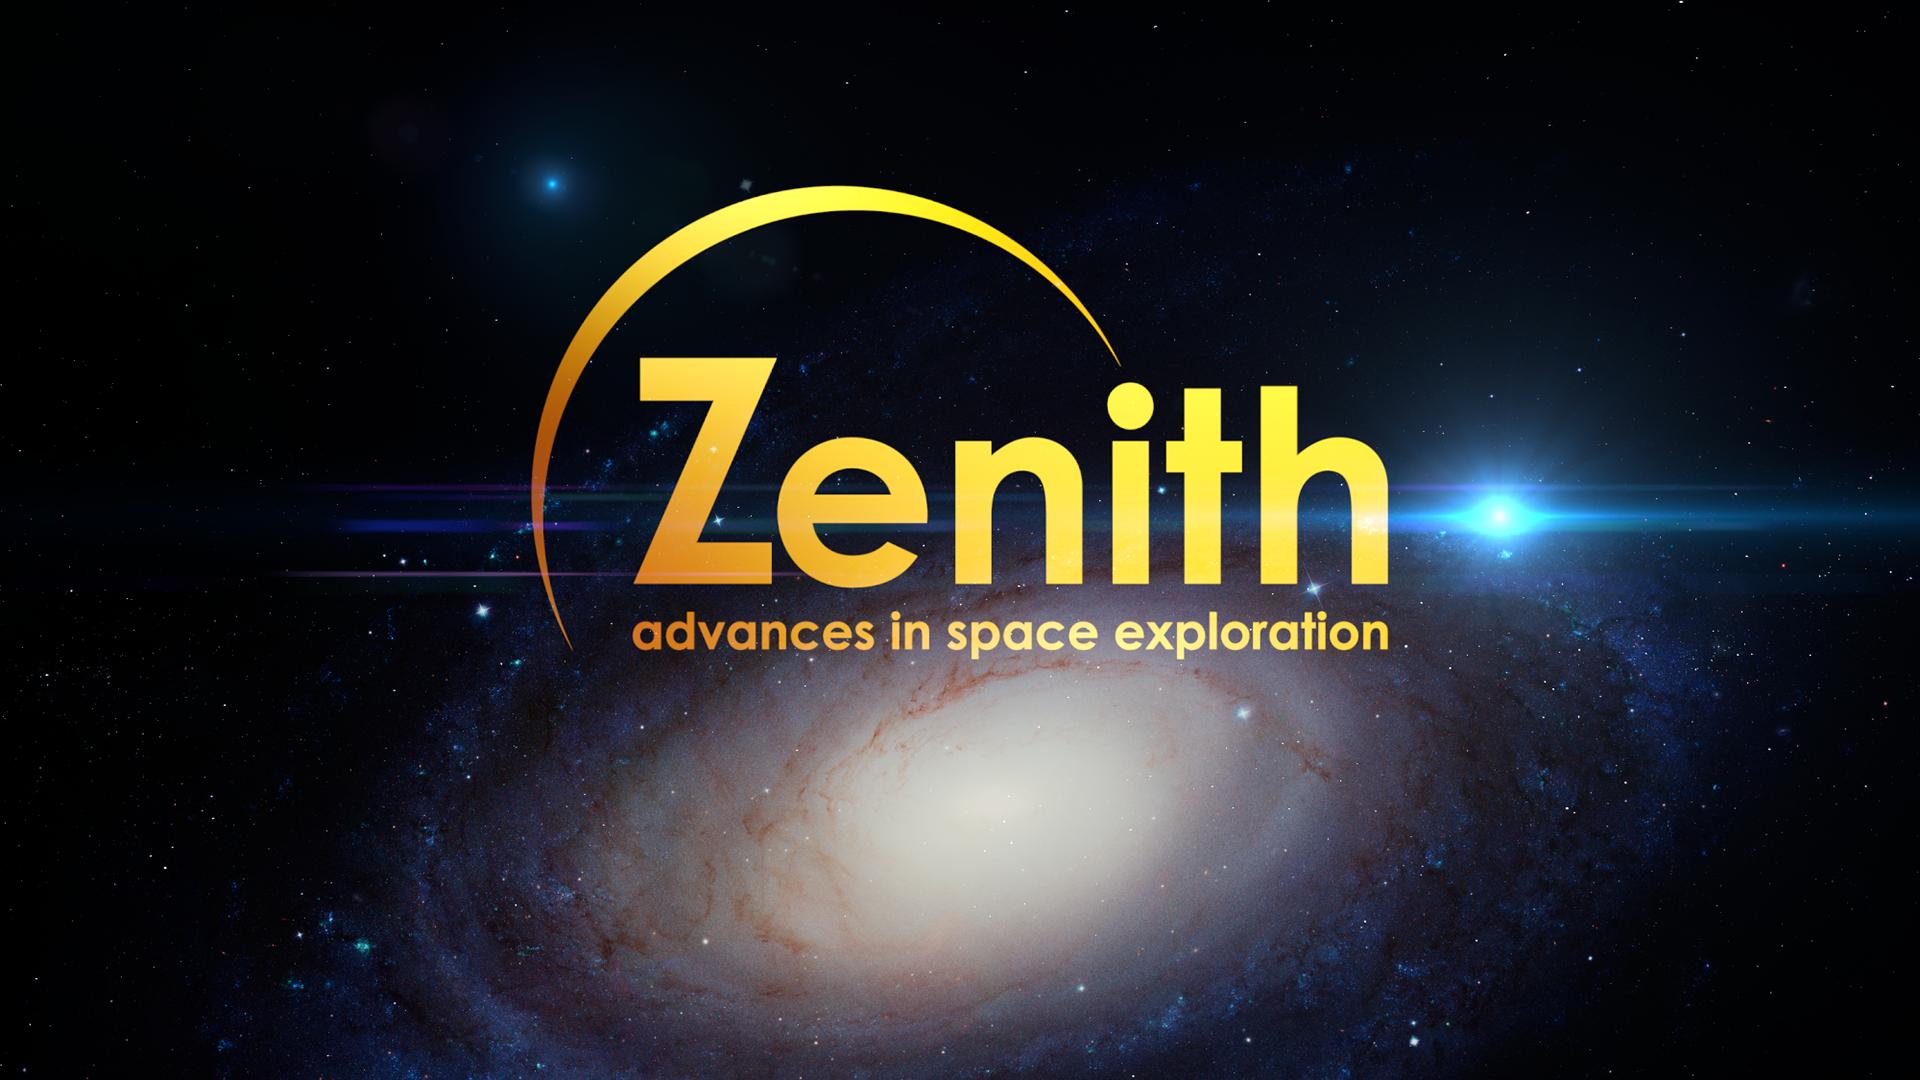 Zenith - advances in space exploration